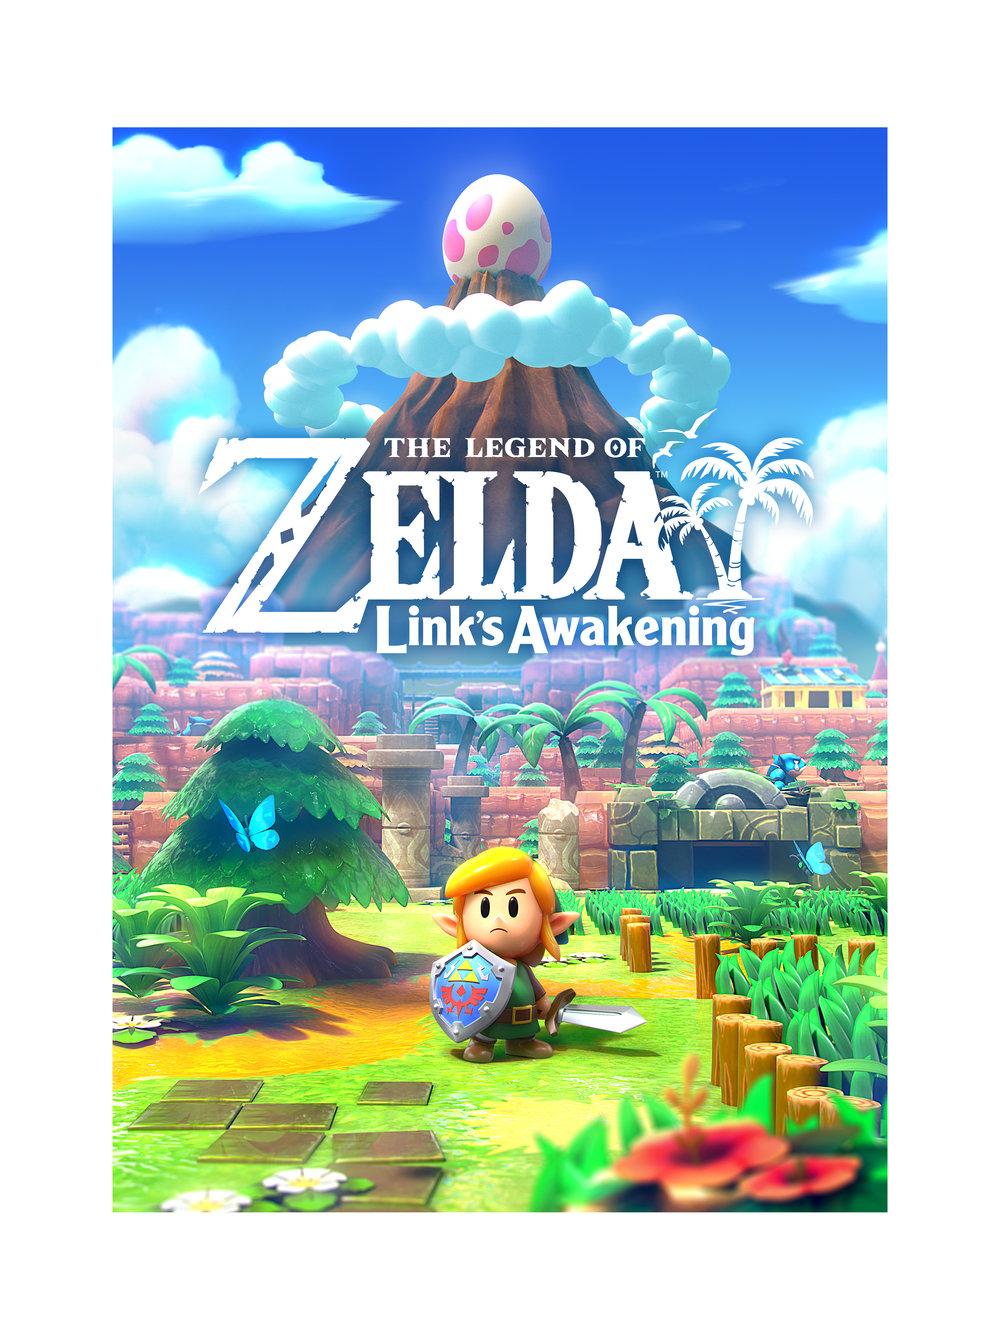 The Legend Of Zelda Link S Awakening Review